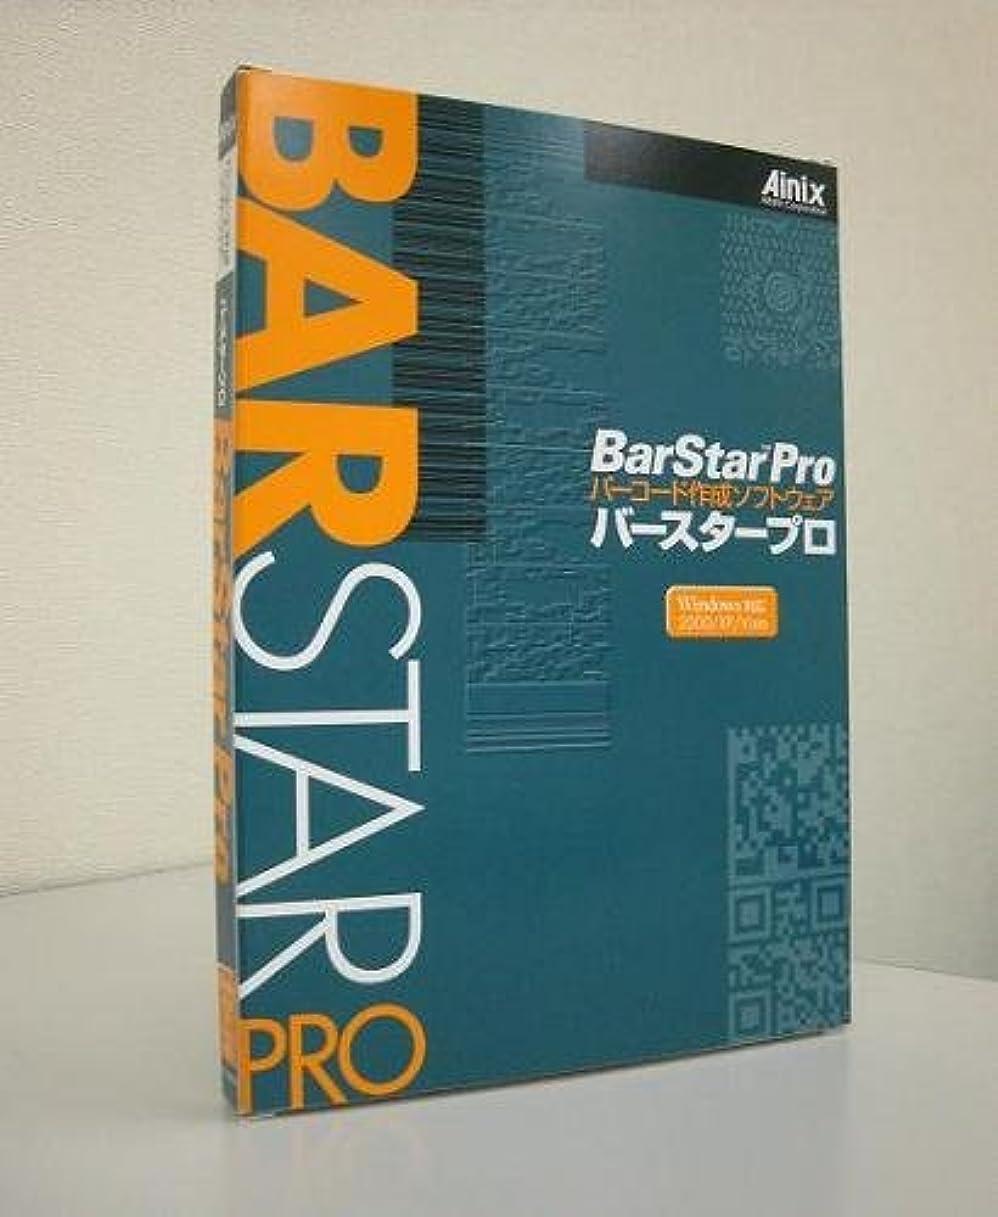 ハンサム拍車面積バーコード作成ソフトウェア BarStar Pro V2.0保守パック BPW200JA-SP3